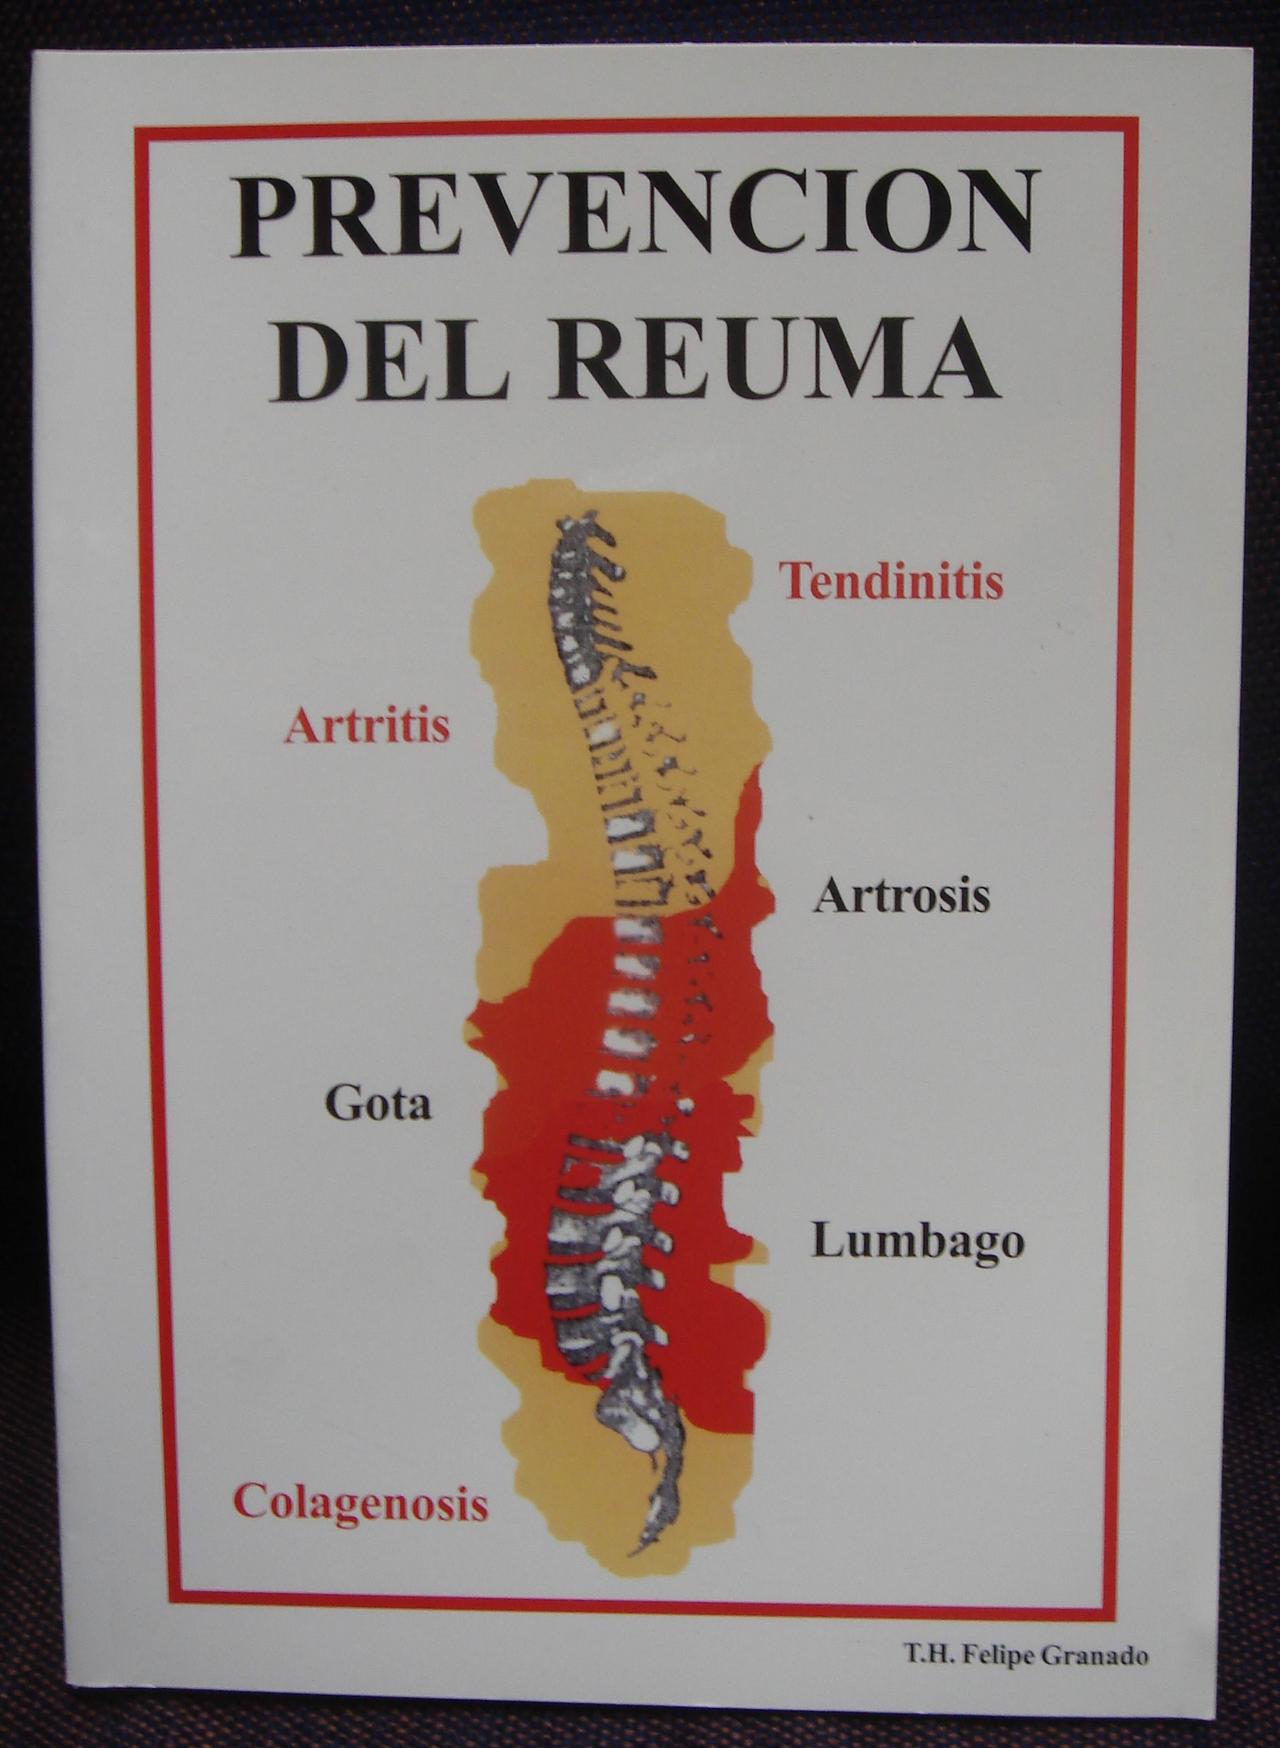 prevencion_del_reuma